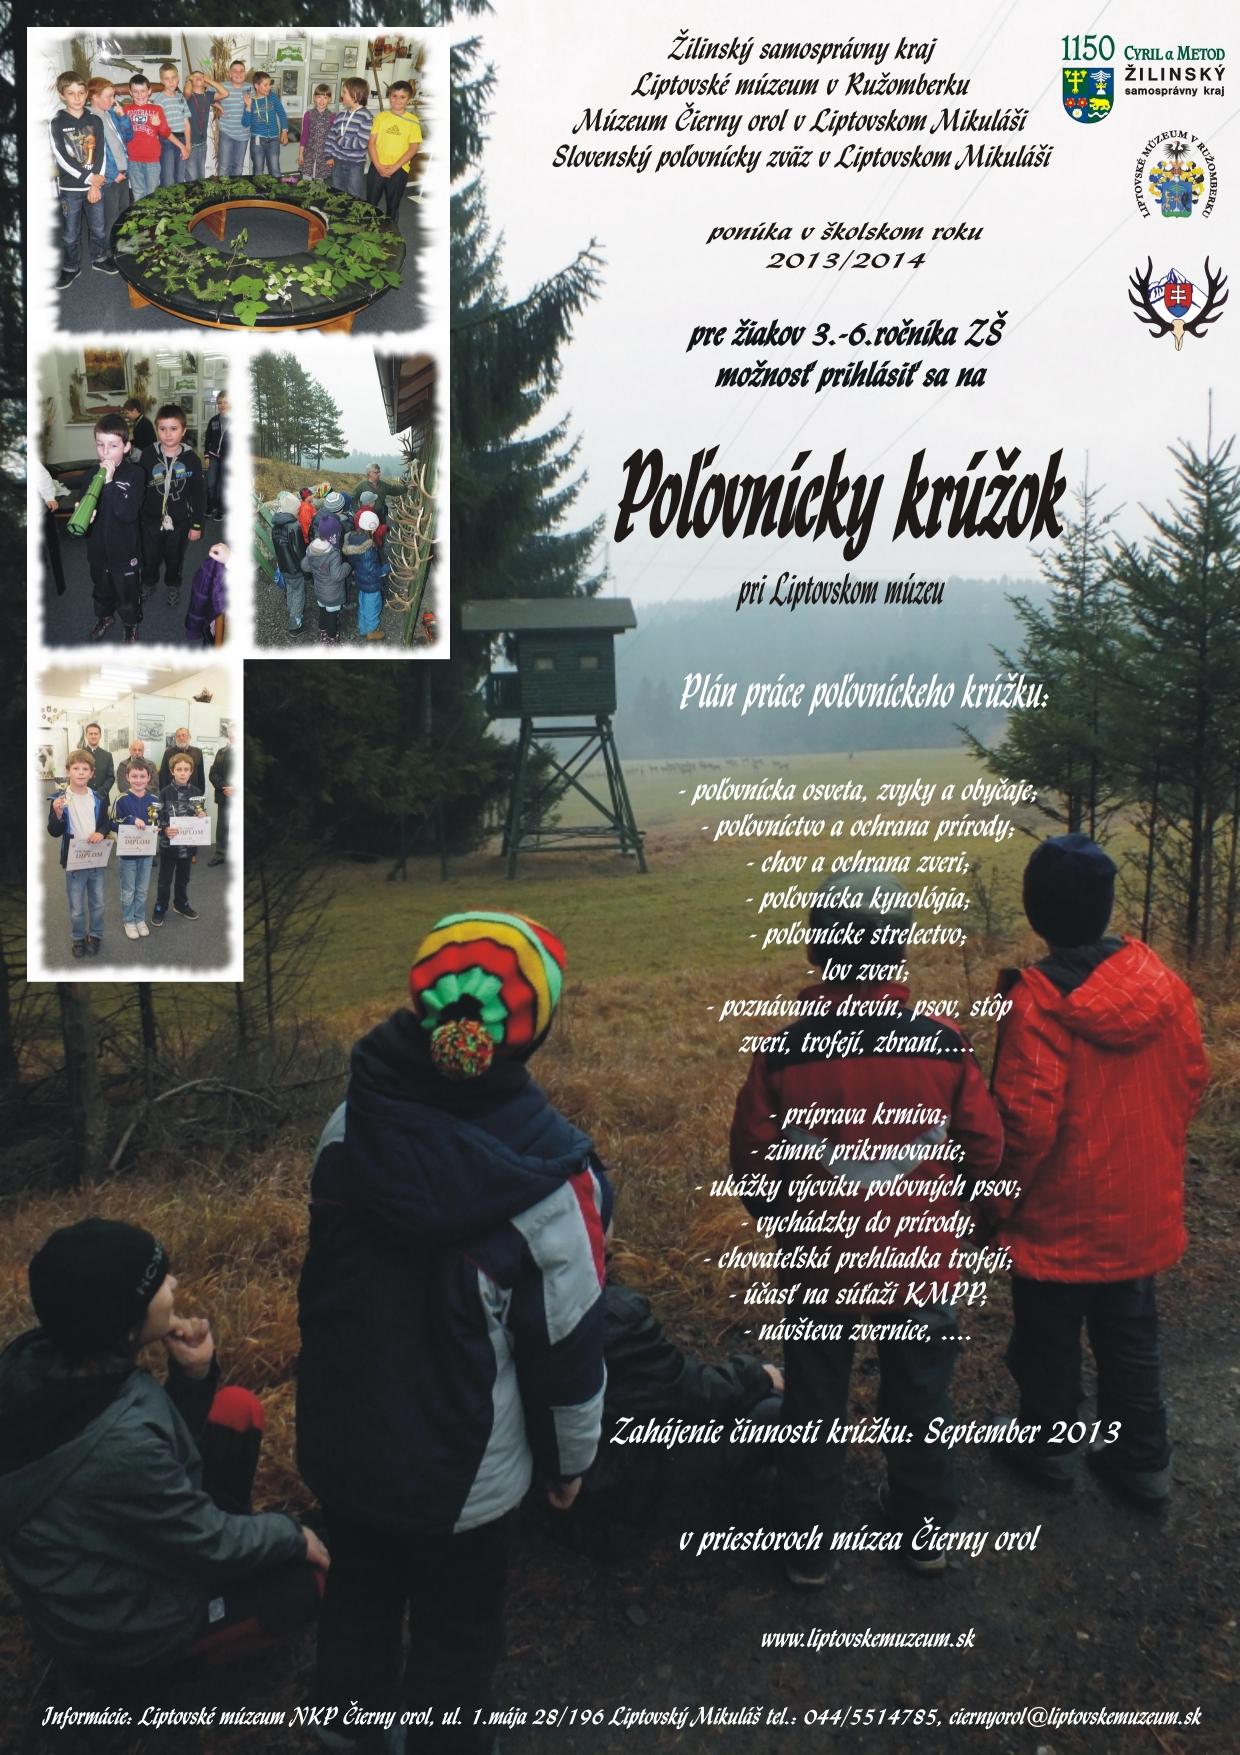 polovnicky-kruzok-lmr-2013